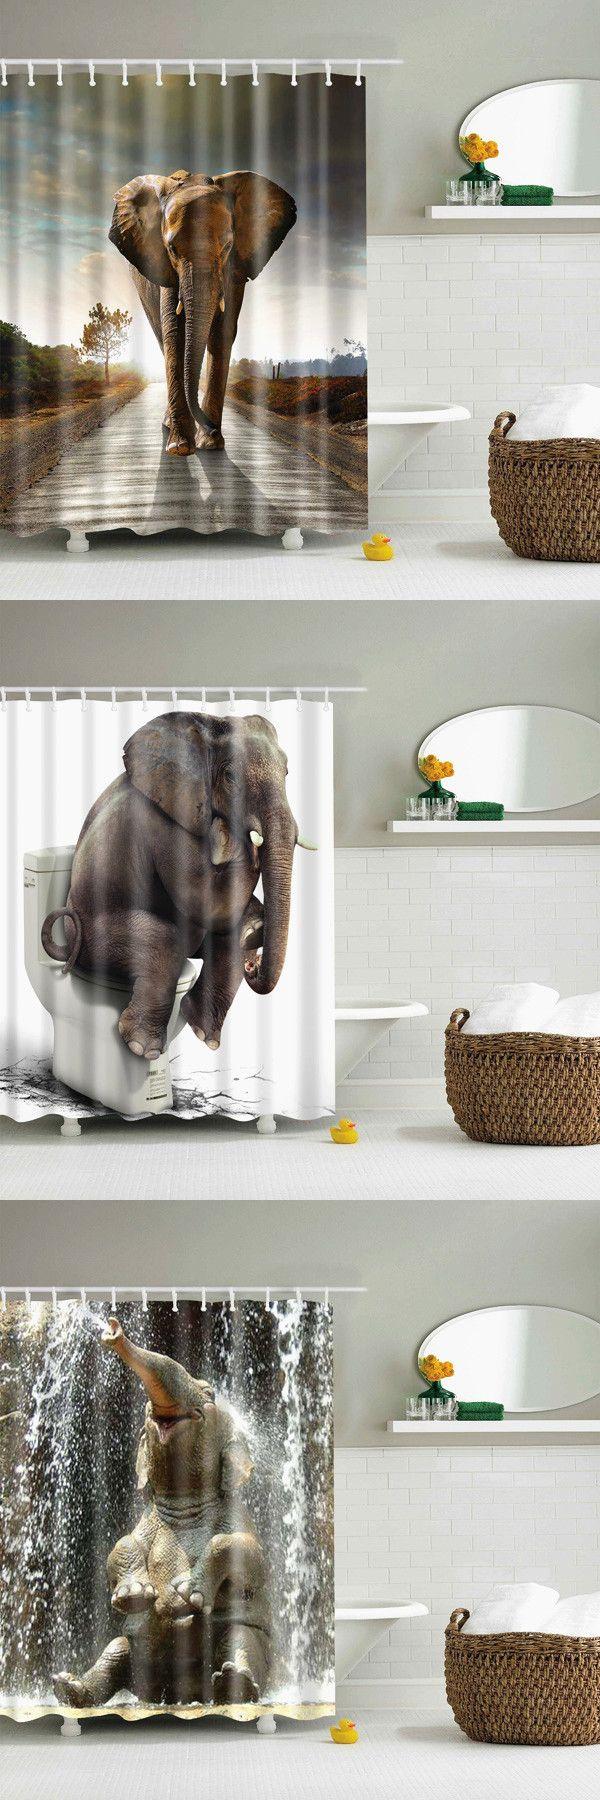 Elephant sunset bathroom shower curtain brown bathroom